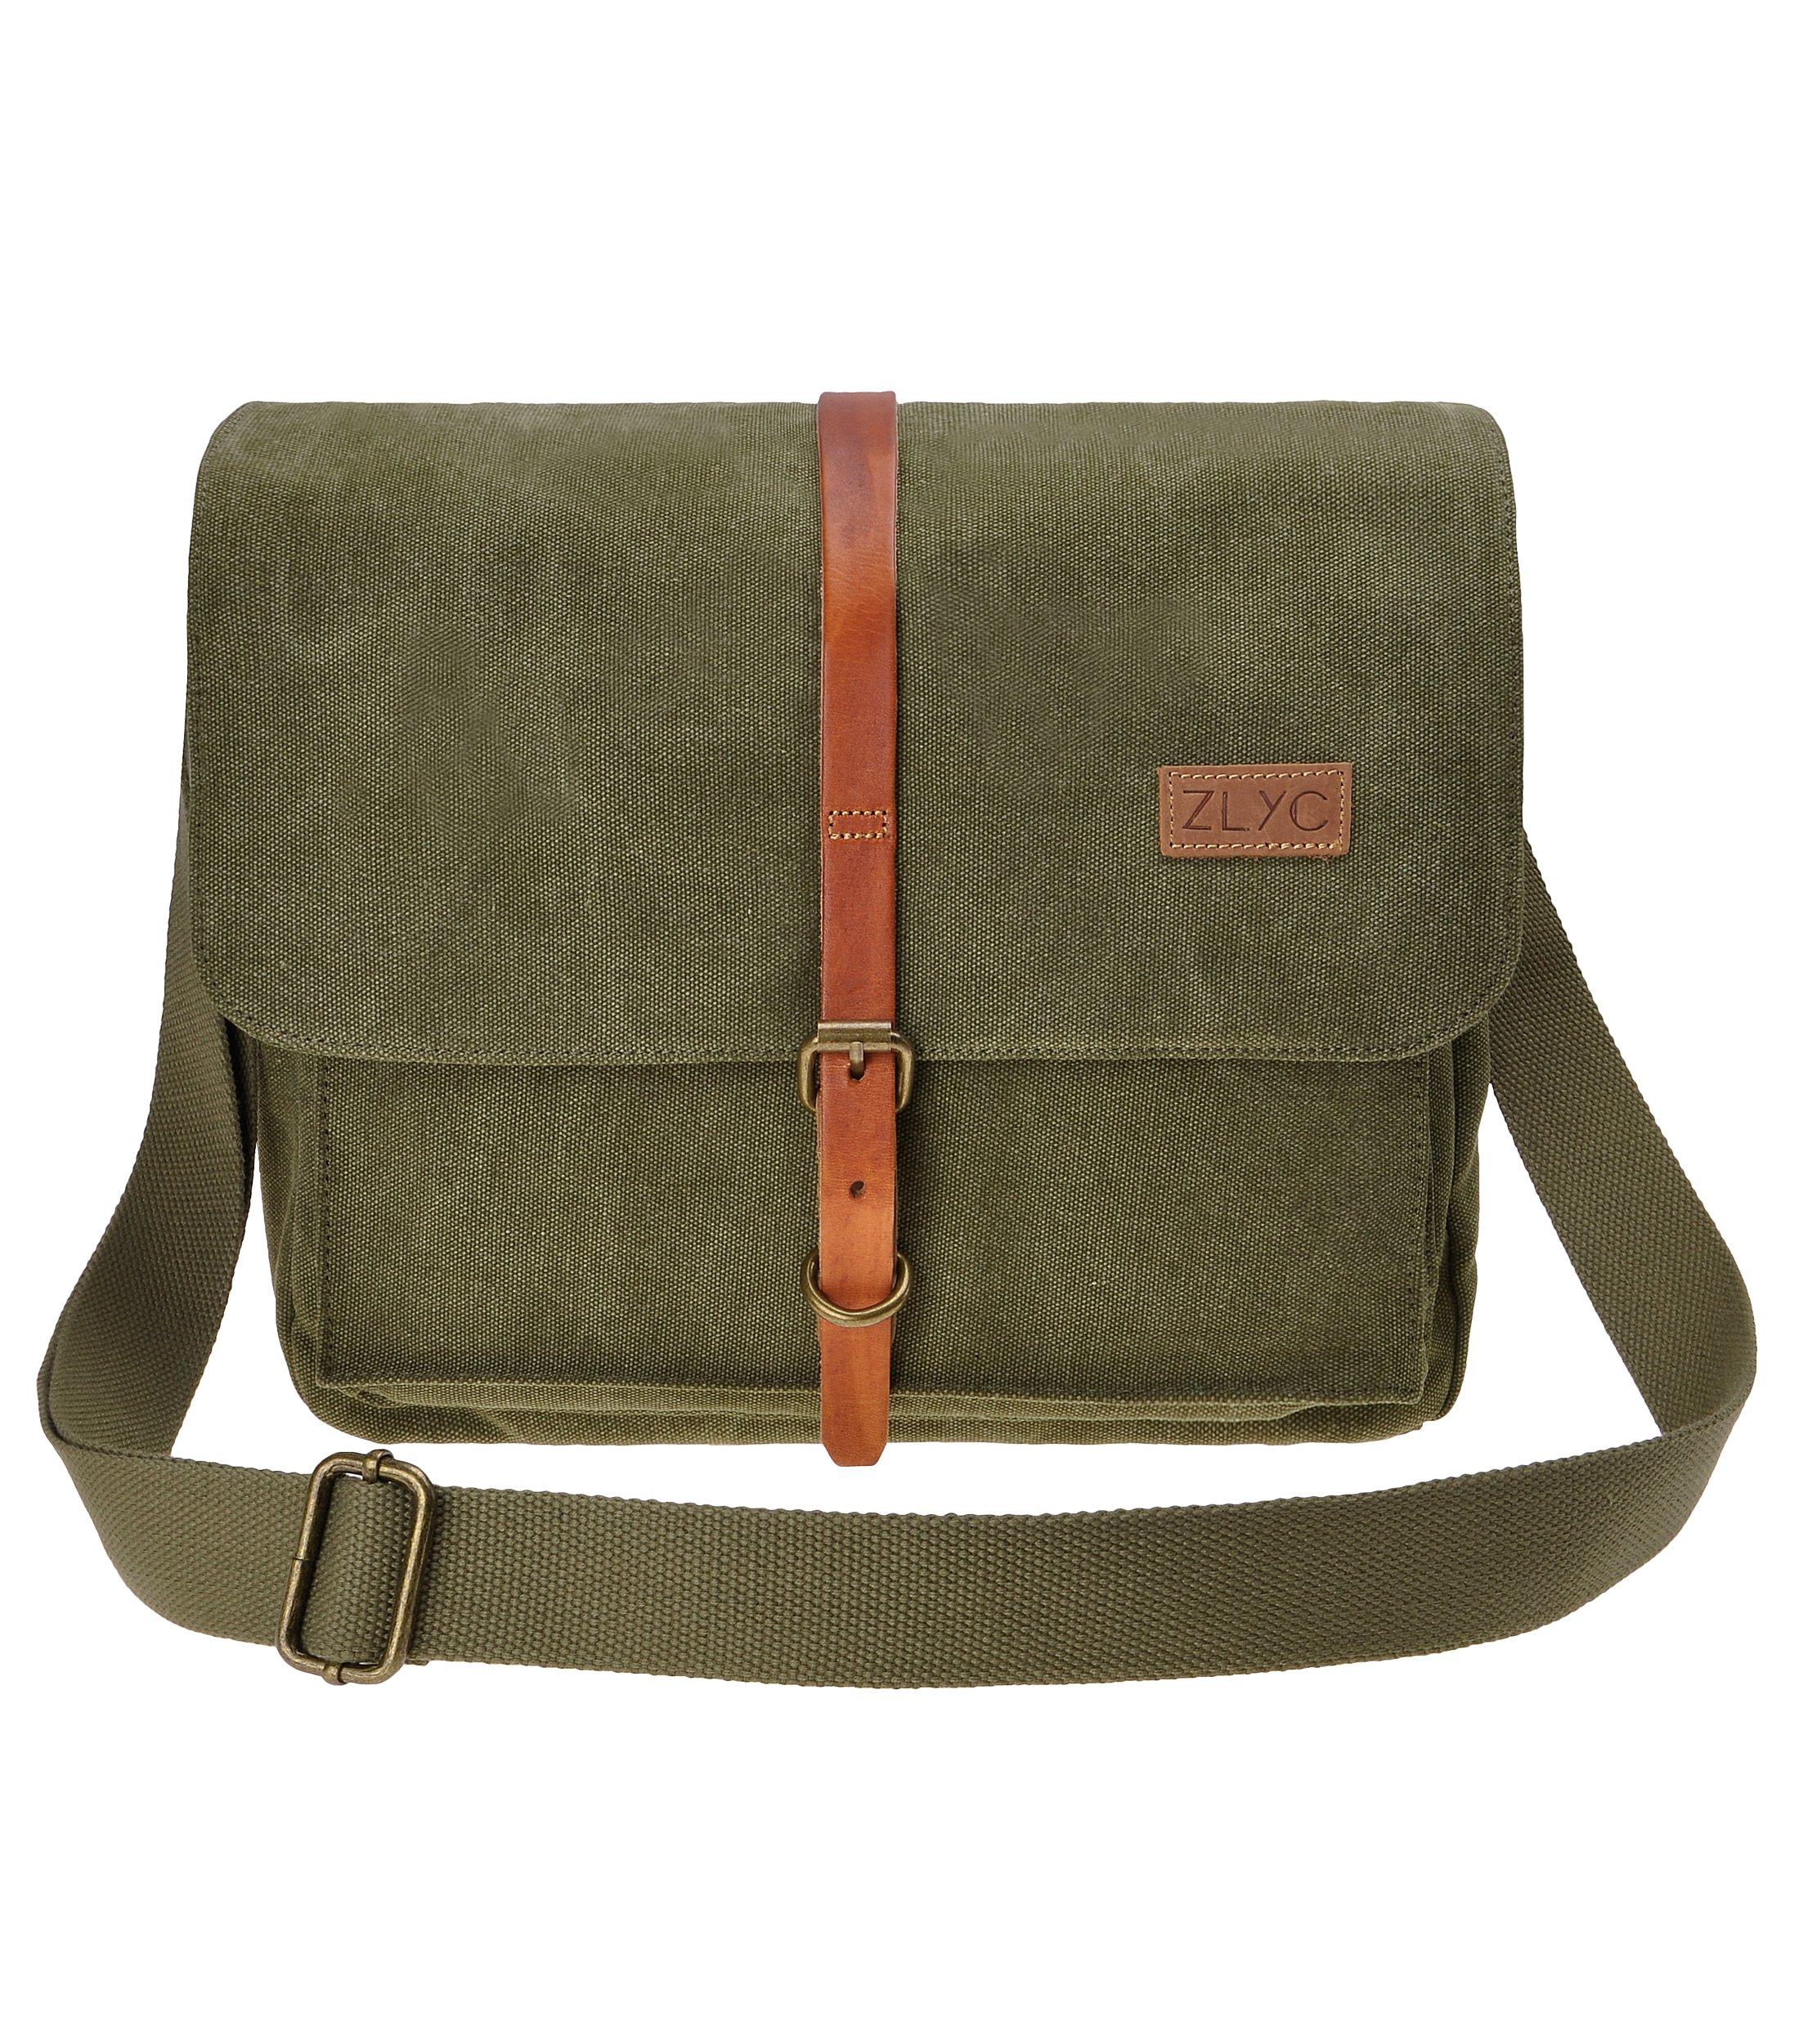 Canvas Camera Bag ZLYC Leather Trim DSLR Camera Case Vintage Laptop Shoulder Messenger Purse for Women Men, Army Green